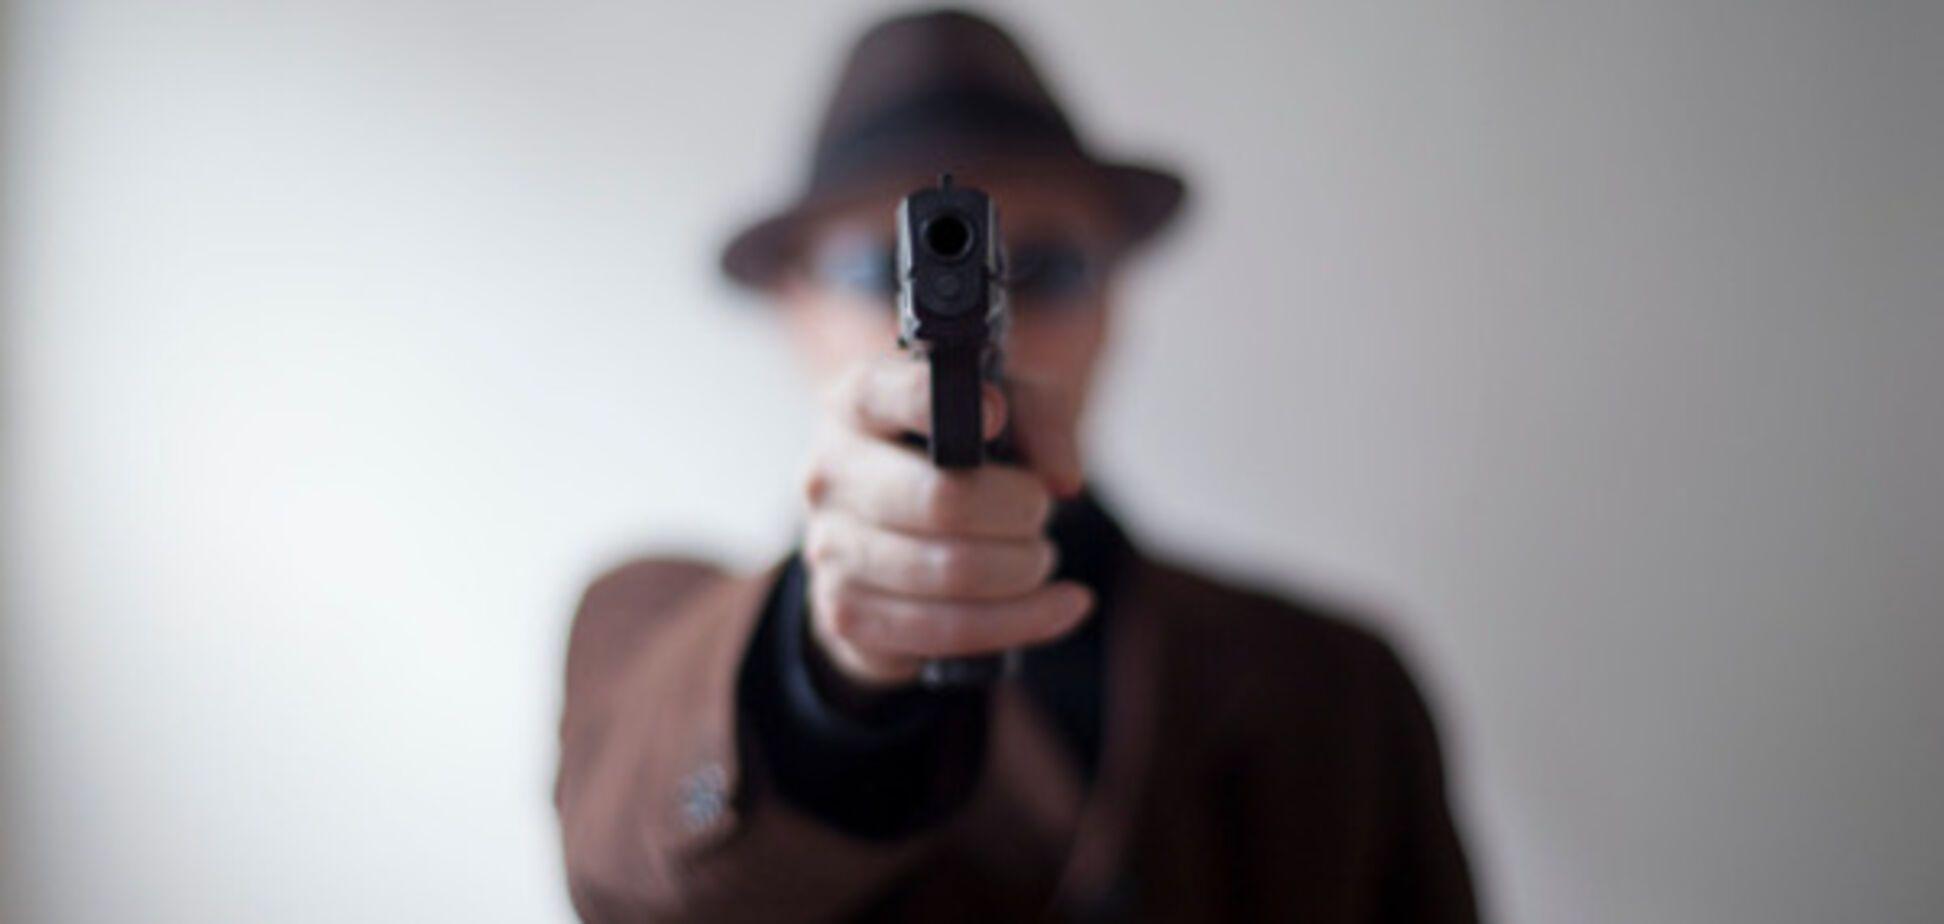 У Києві невідомий з пістолетом напав на дівчину в ліфті